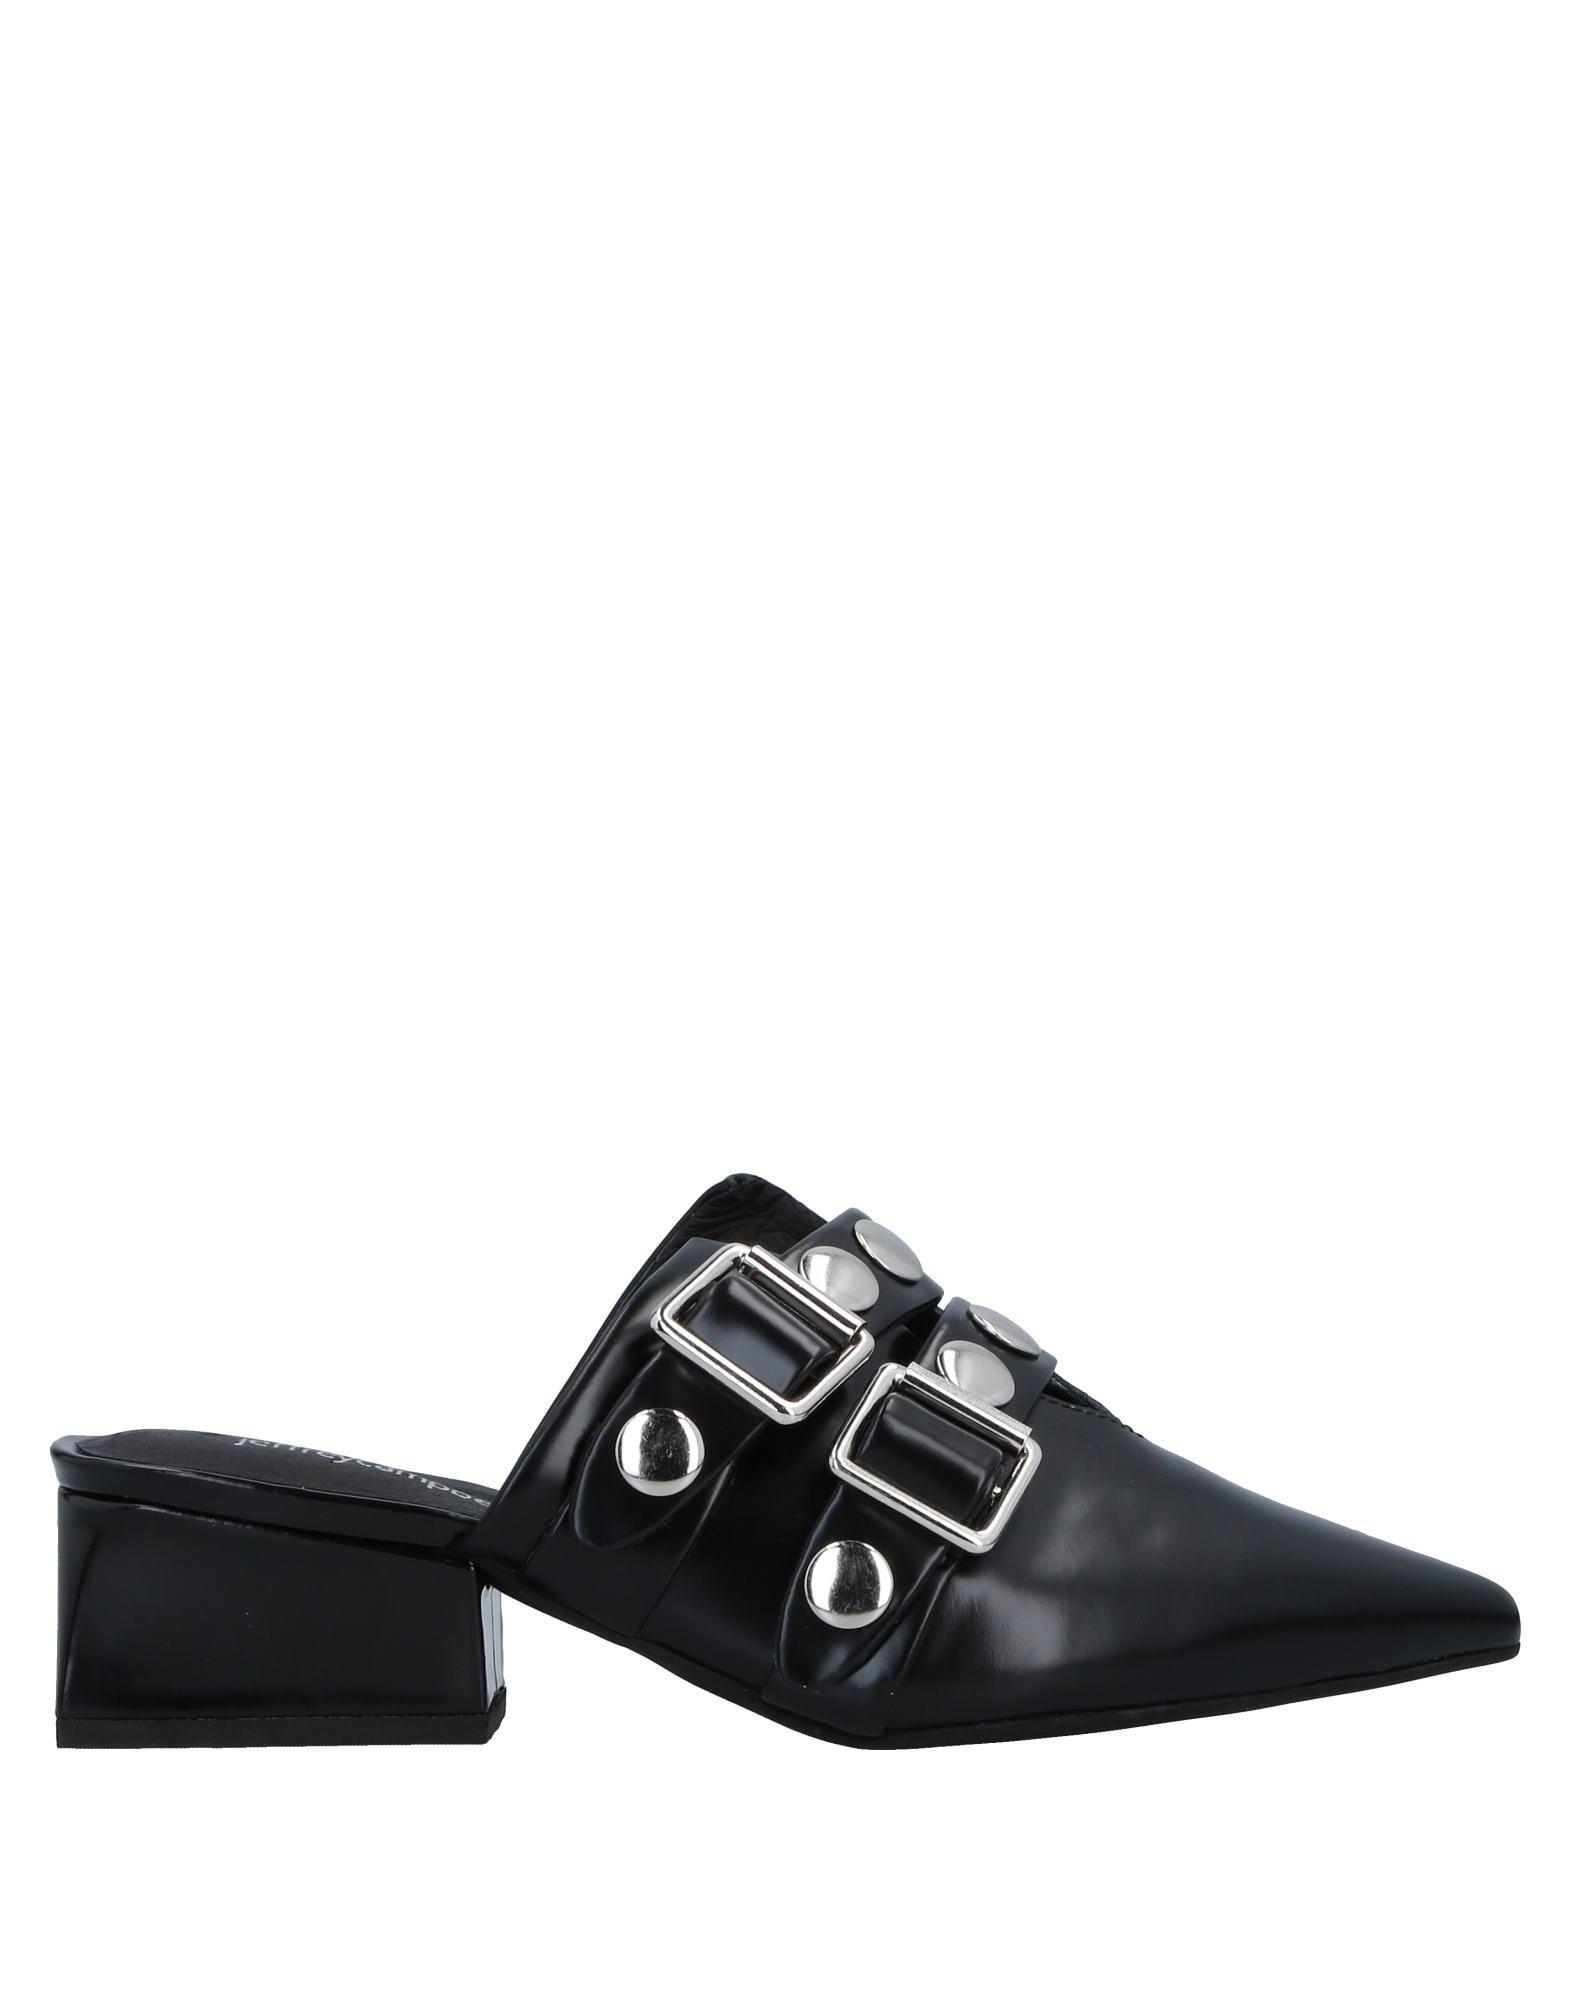 Jeffrey Campbell Pantoletten Damen  11535031GP Gute Qualität beliebte Schuhe